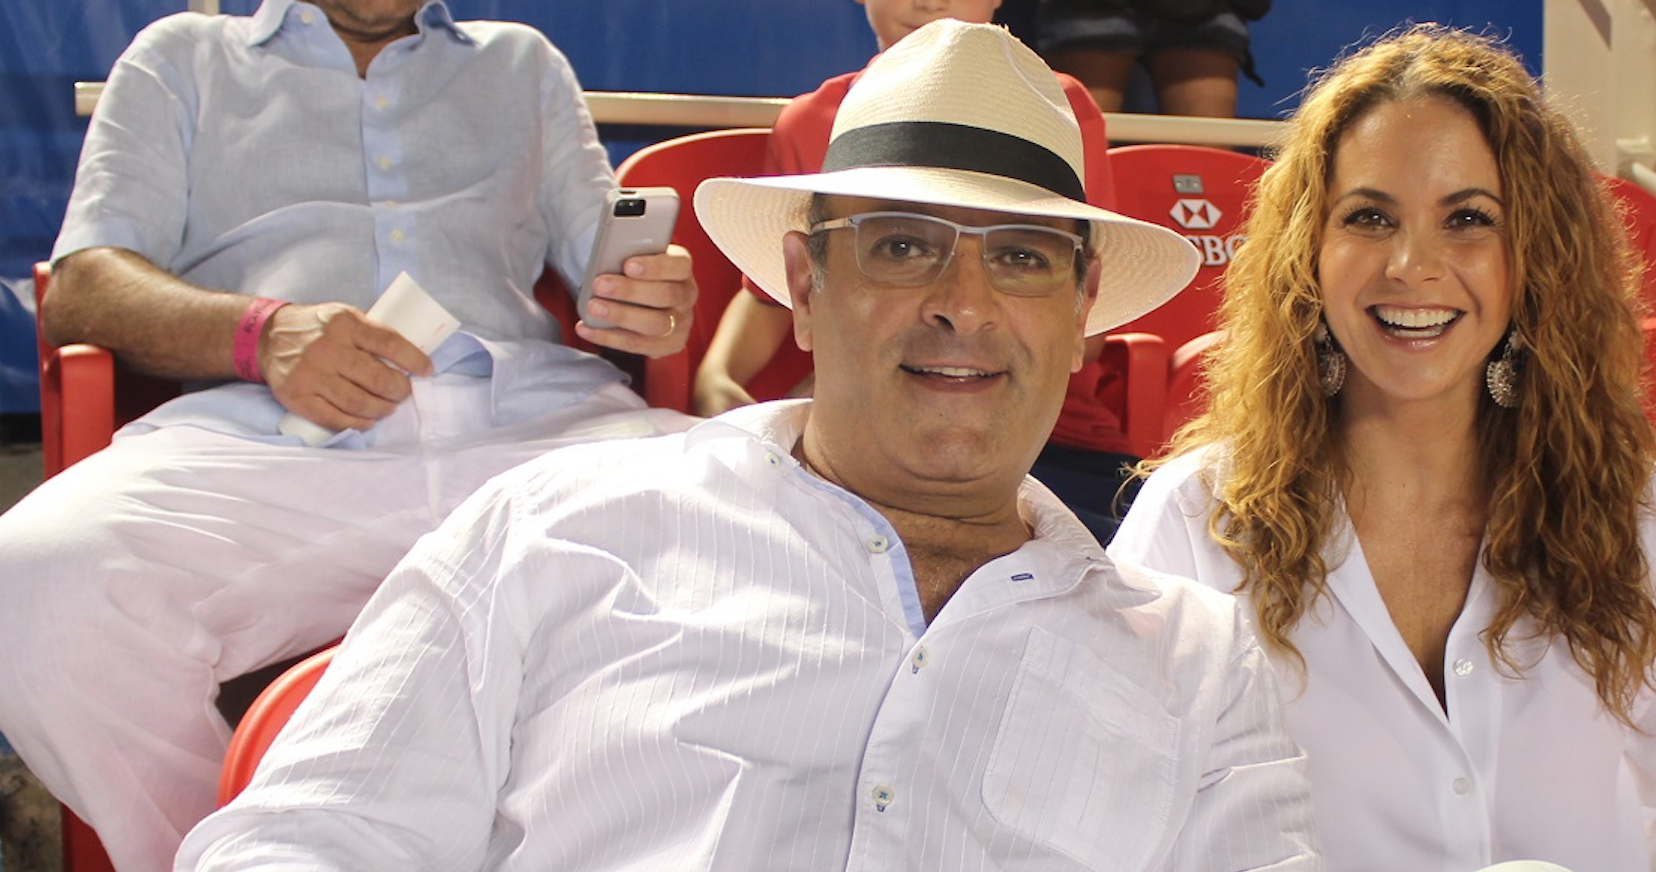 Michel y Lucero en el Abierto Mexicano de Acapulco a principios de este año. (Foto: viviresundeporte).